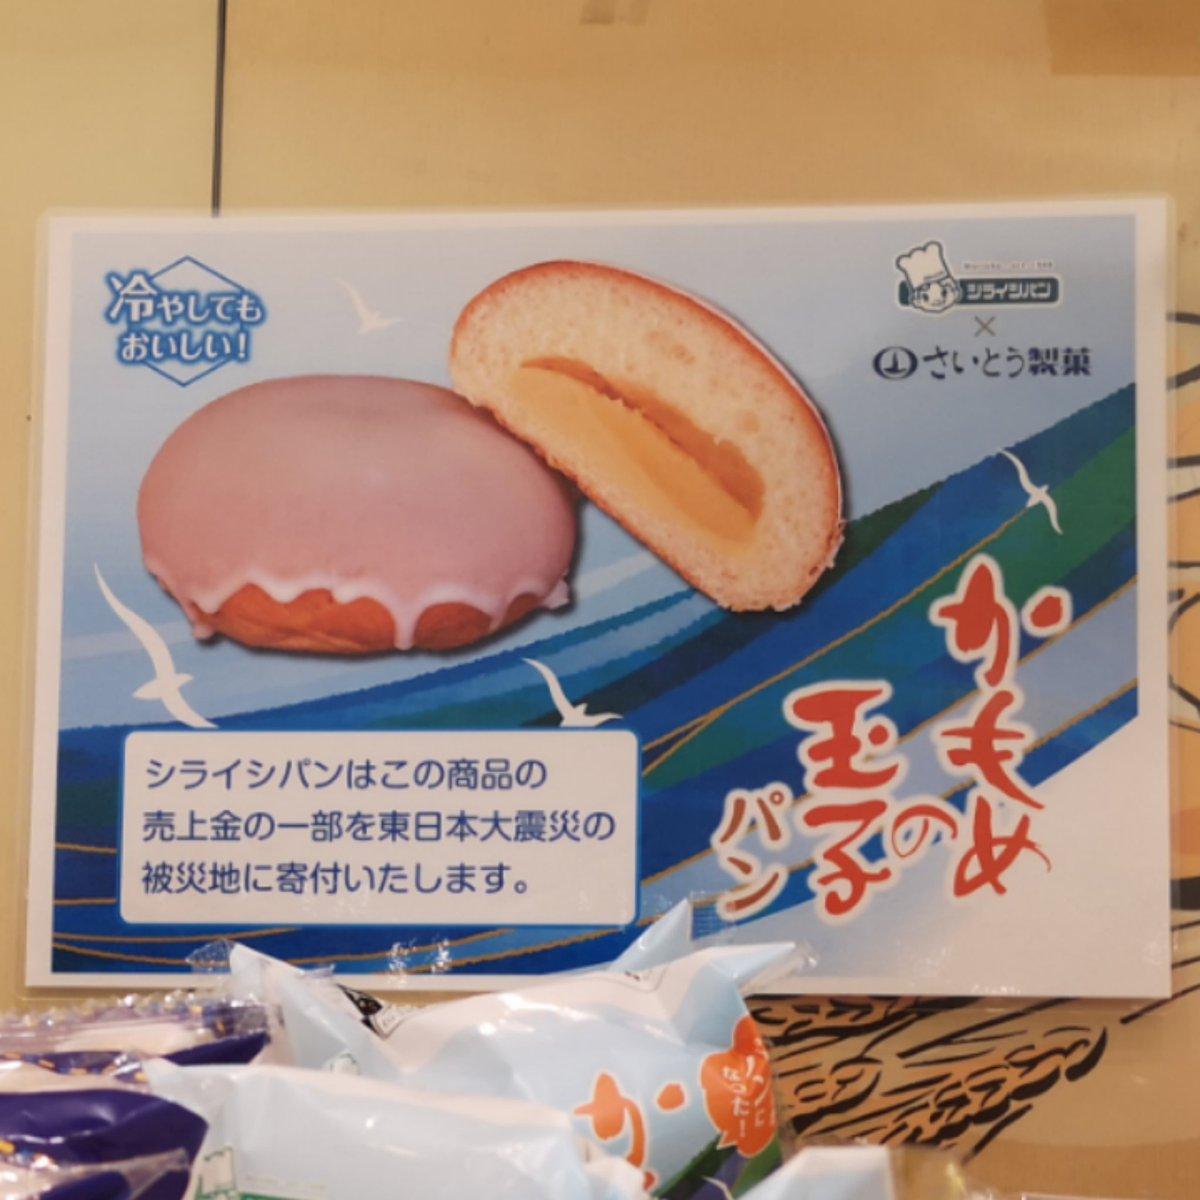 test ツイッターメディア - 昨日、茨城にある #シライシパン の聖地マルトで、かもめの玉子パンを購入😊 岩手日報のかもめの玉子パン発売の記事に、茨城県の記載があった謎ががそこで解明‼️ 定番で毎日売ってるから😆 シライシパンの営業さん作成と思われるPOPまで掲示😆 関東のシライシパンの聖地マルト、流石です😆🎵🎵 https://t.co/F4ZyxXiNSI